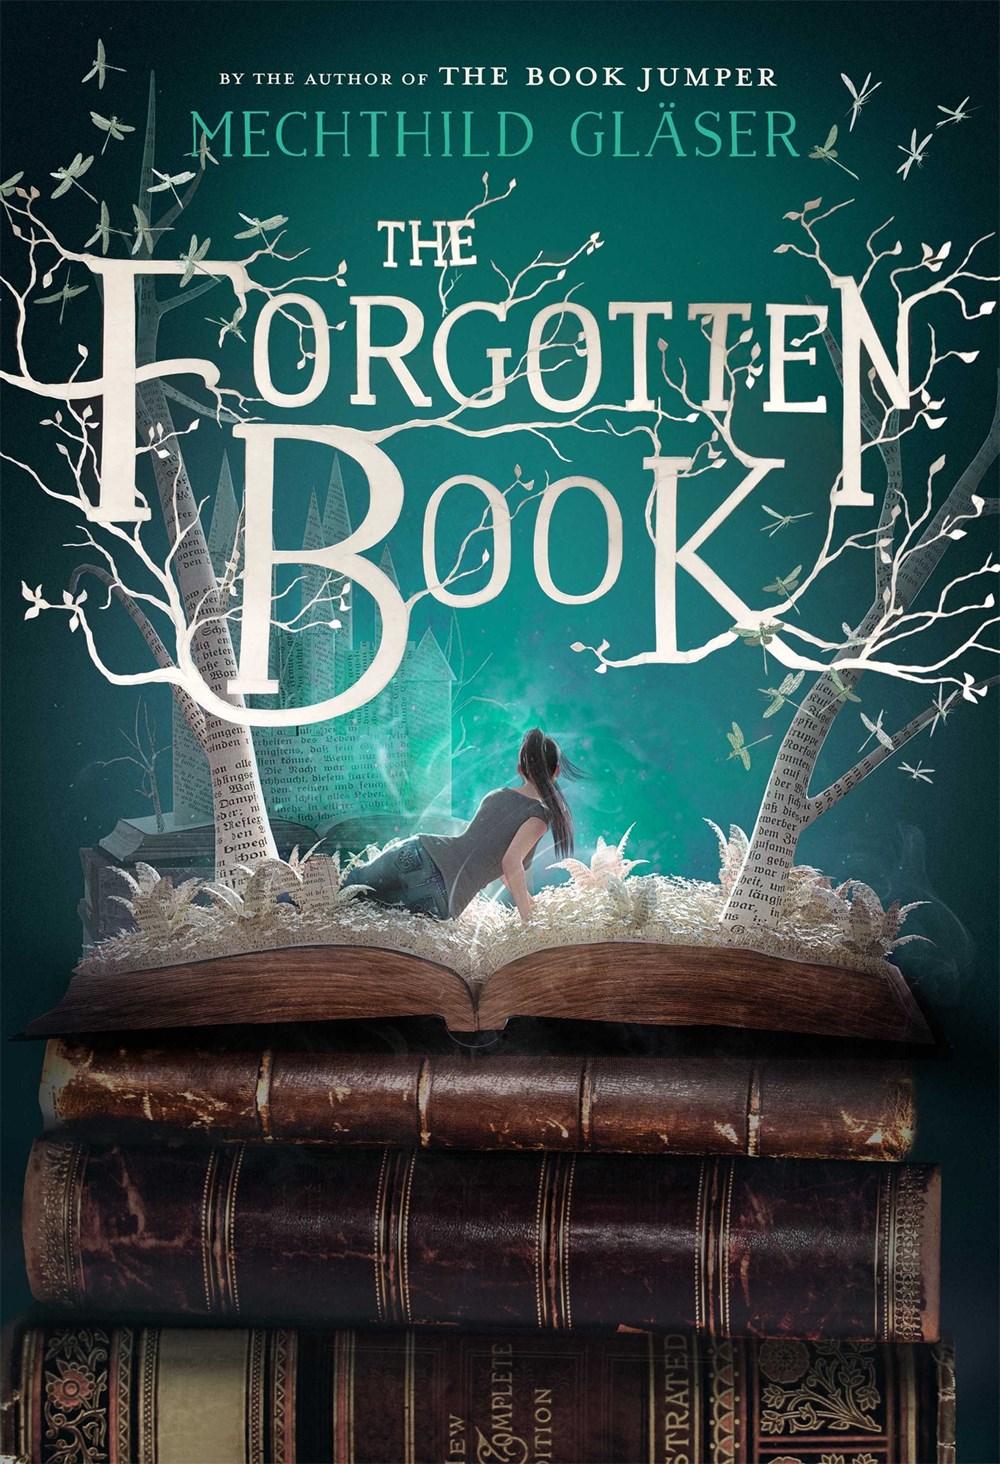 The Forgotten Book, by Mechthild Gläser